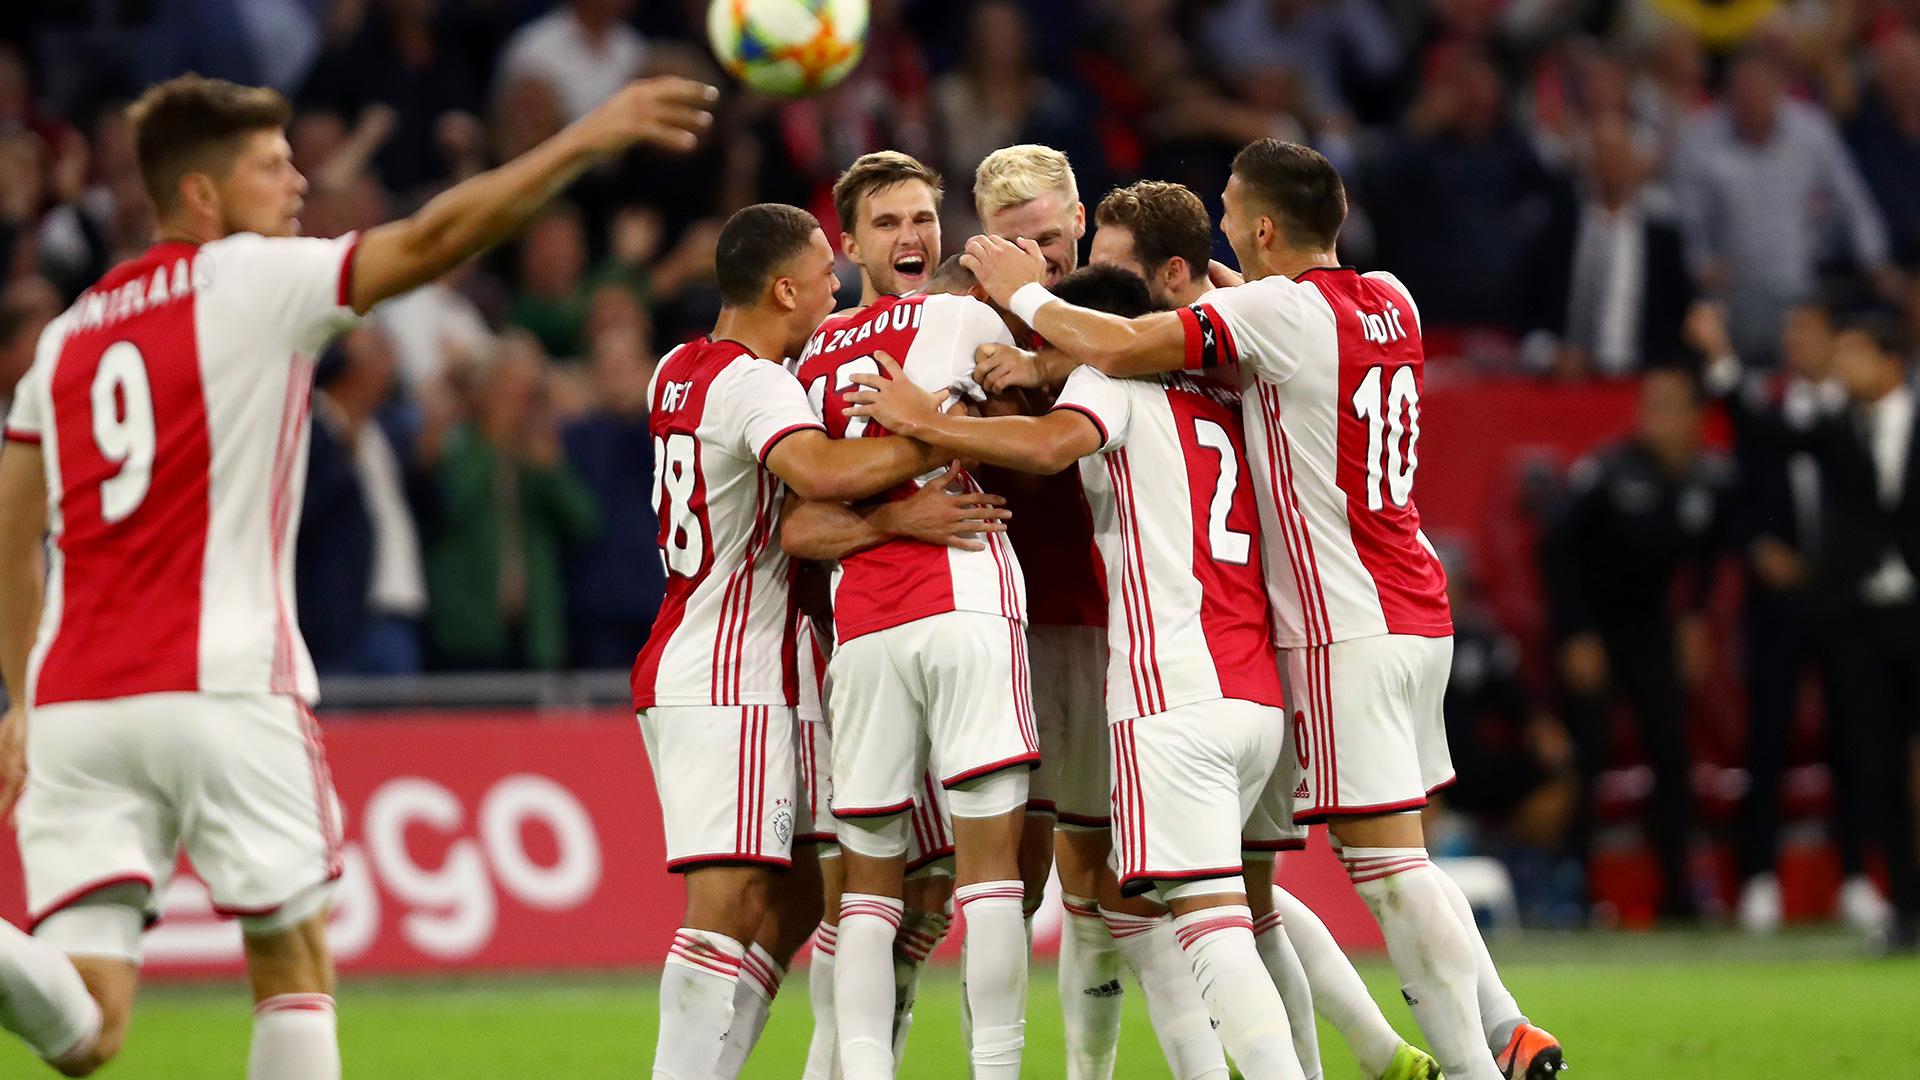 Ajax-Lille (3-0) - Le LOSC prend une gifle à Amsterdam